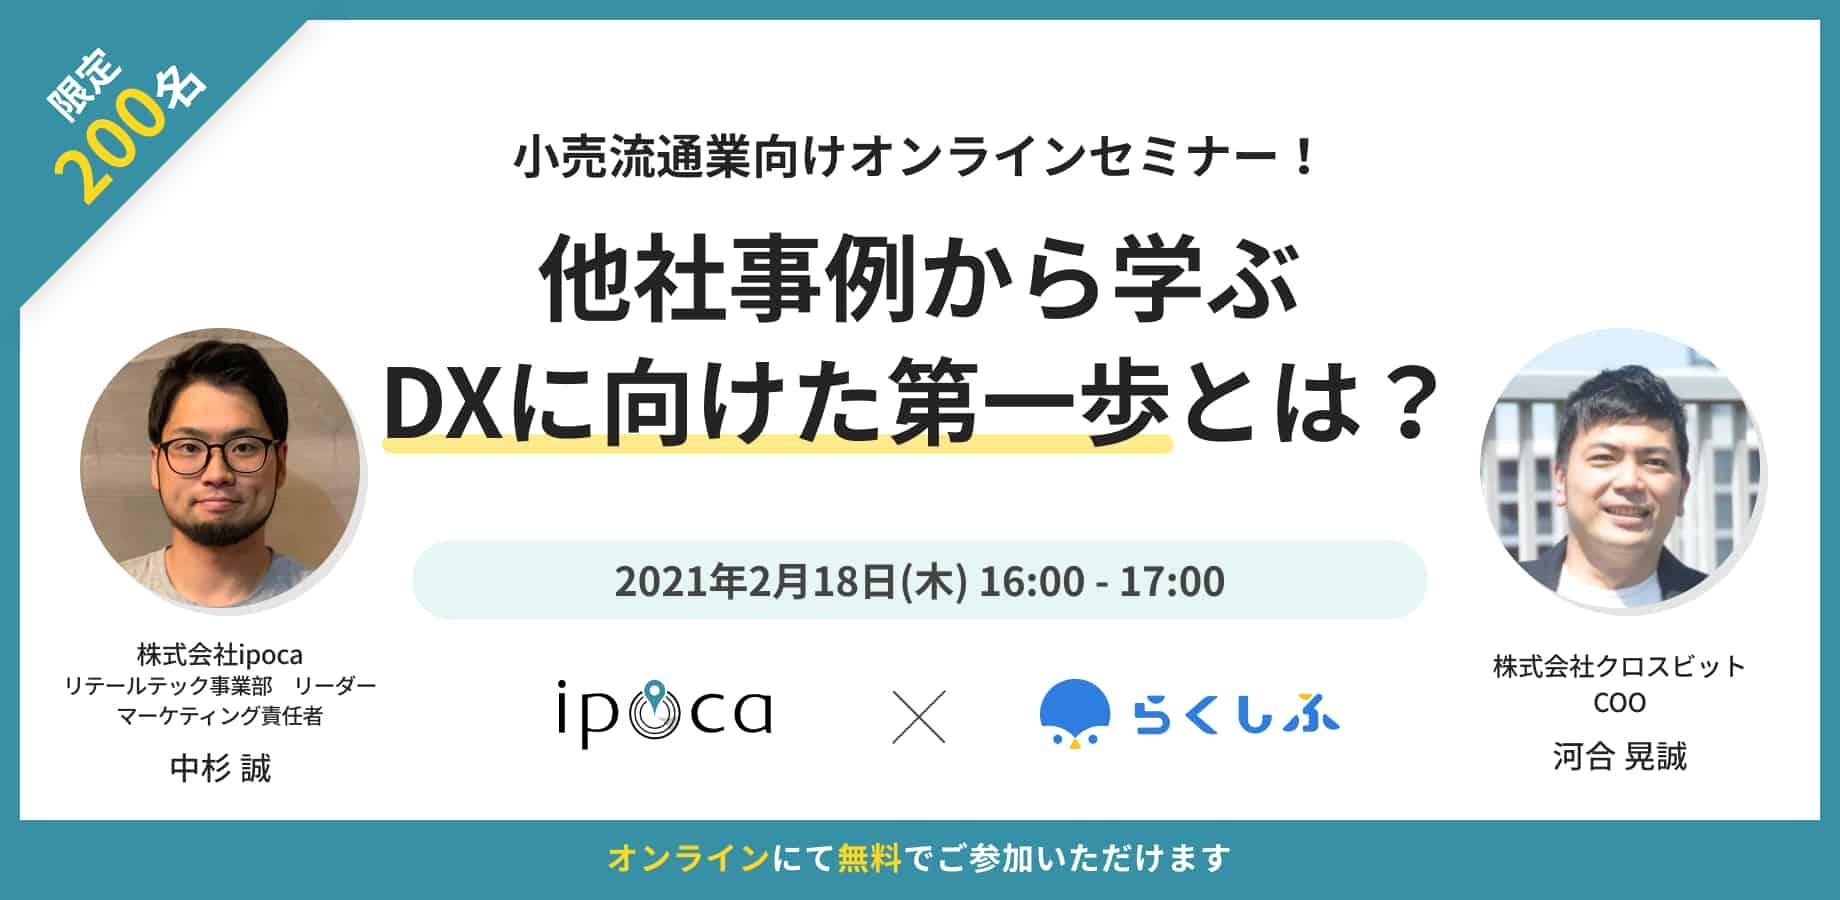 2/18(木) 株式会社クロスビット×株式会社ipoca共催ウェビナー 『他社事例から学ぶDXに向けた第一歩とは?』